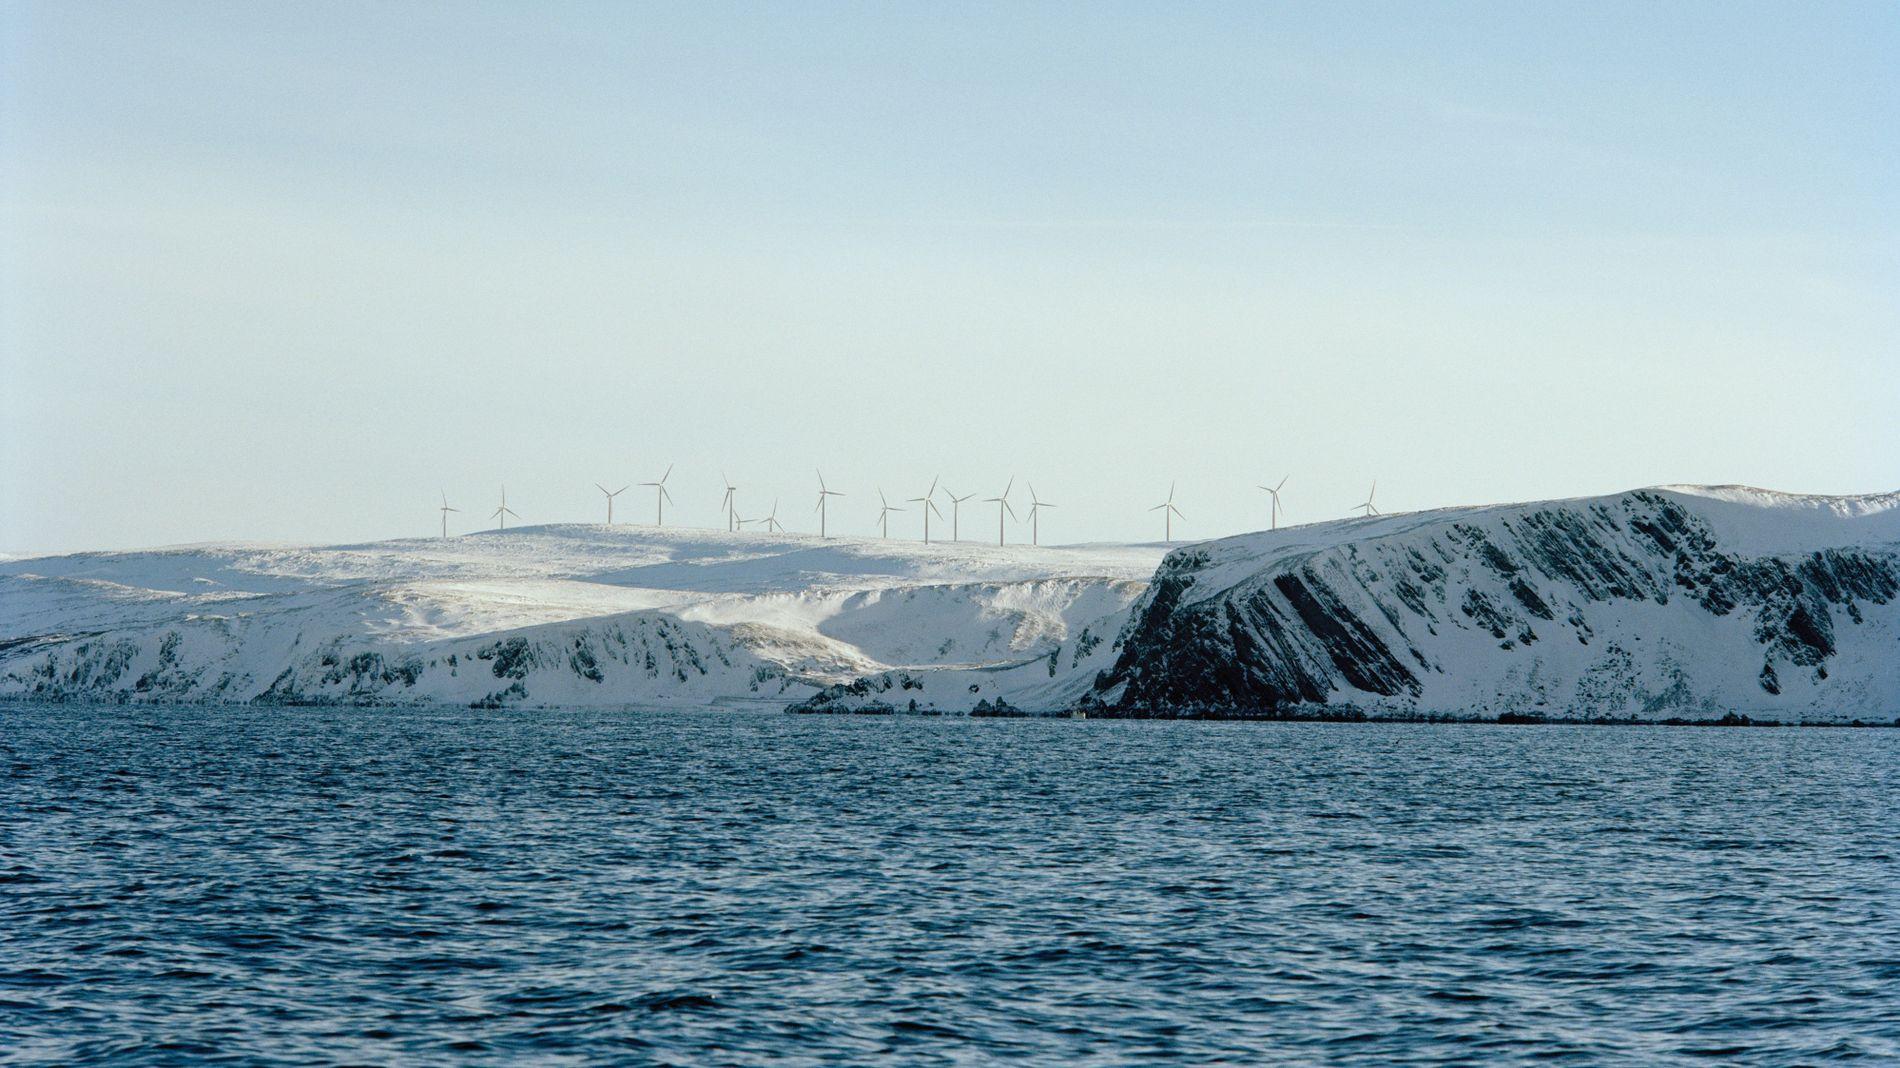 ØNSKER MEDEIERE: Statkraft ønsker å benytte samme strategi som danske Ørsted, og bygge ut ny fornybar energi for å så å selge deler av prosjekter til investorer. Dette er selskapets vindprosjekt i Kjøllefjord i Lebesby kommune, som består av 17 vindturbiner.